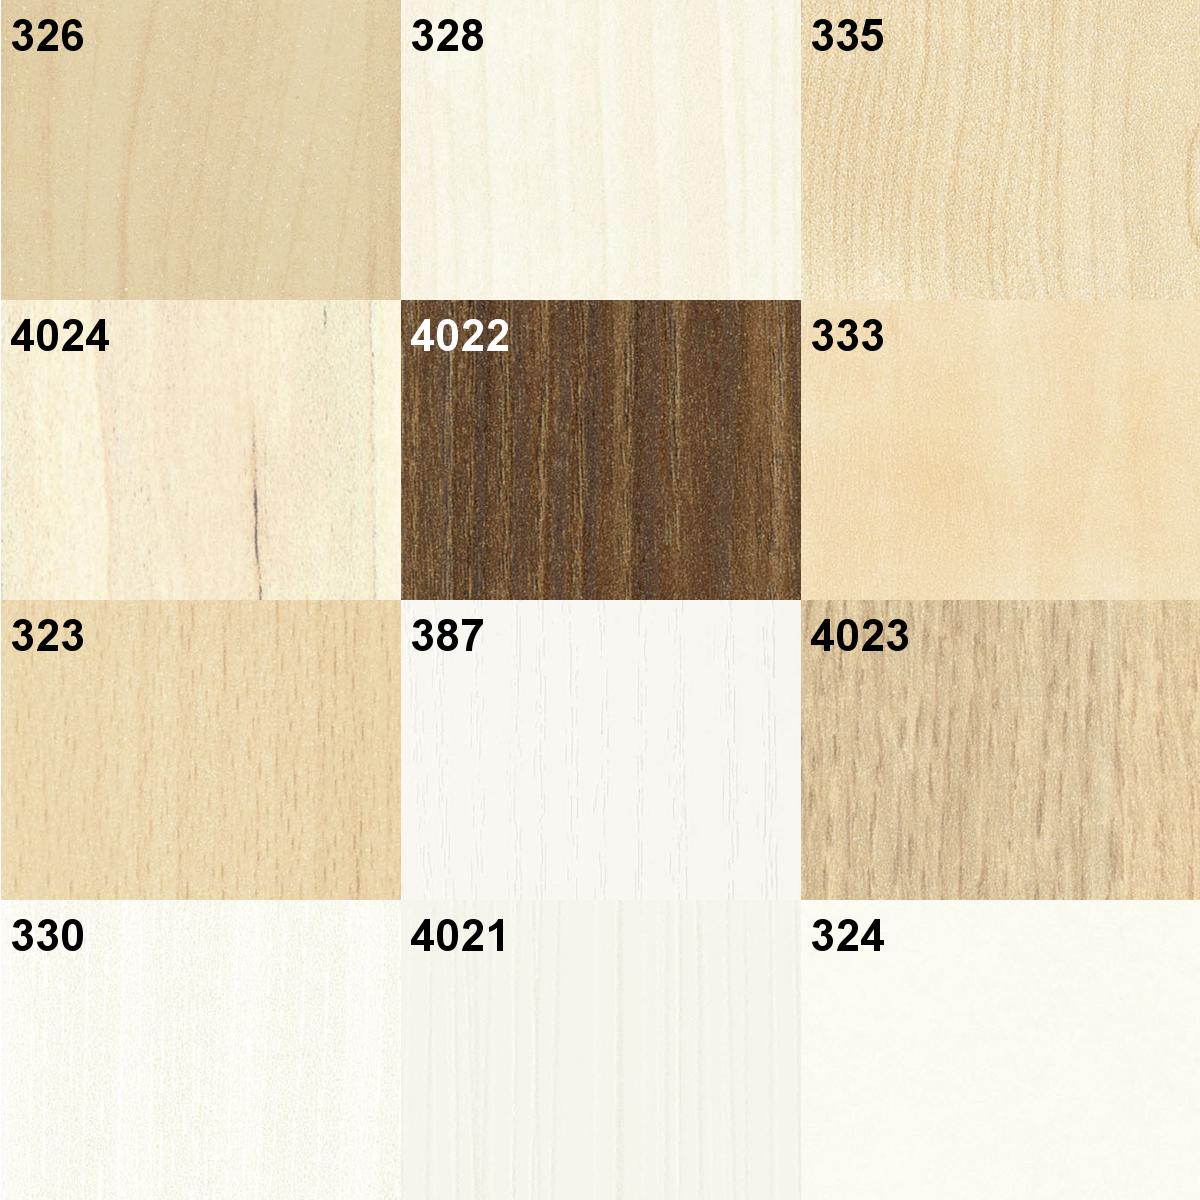 20170331 232544 dorpel badkamer karwei. Black Bedroom Furniture Sets. Home Design Ideas